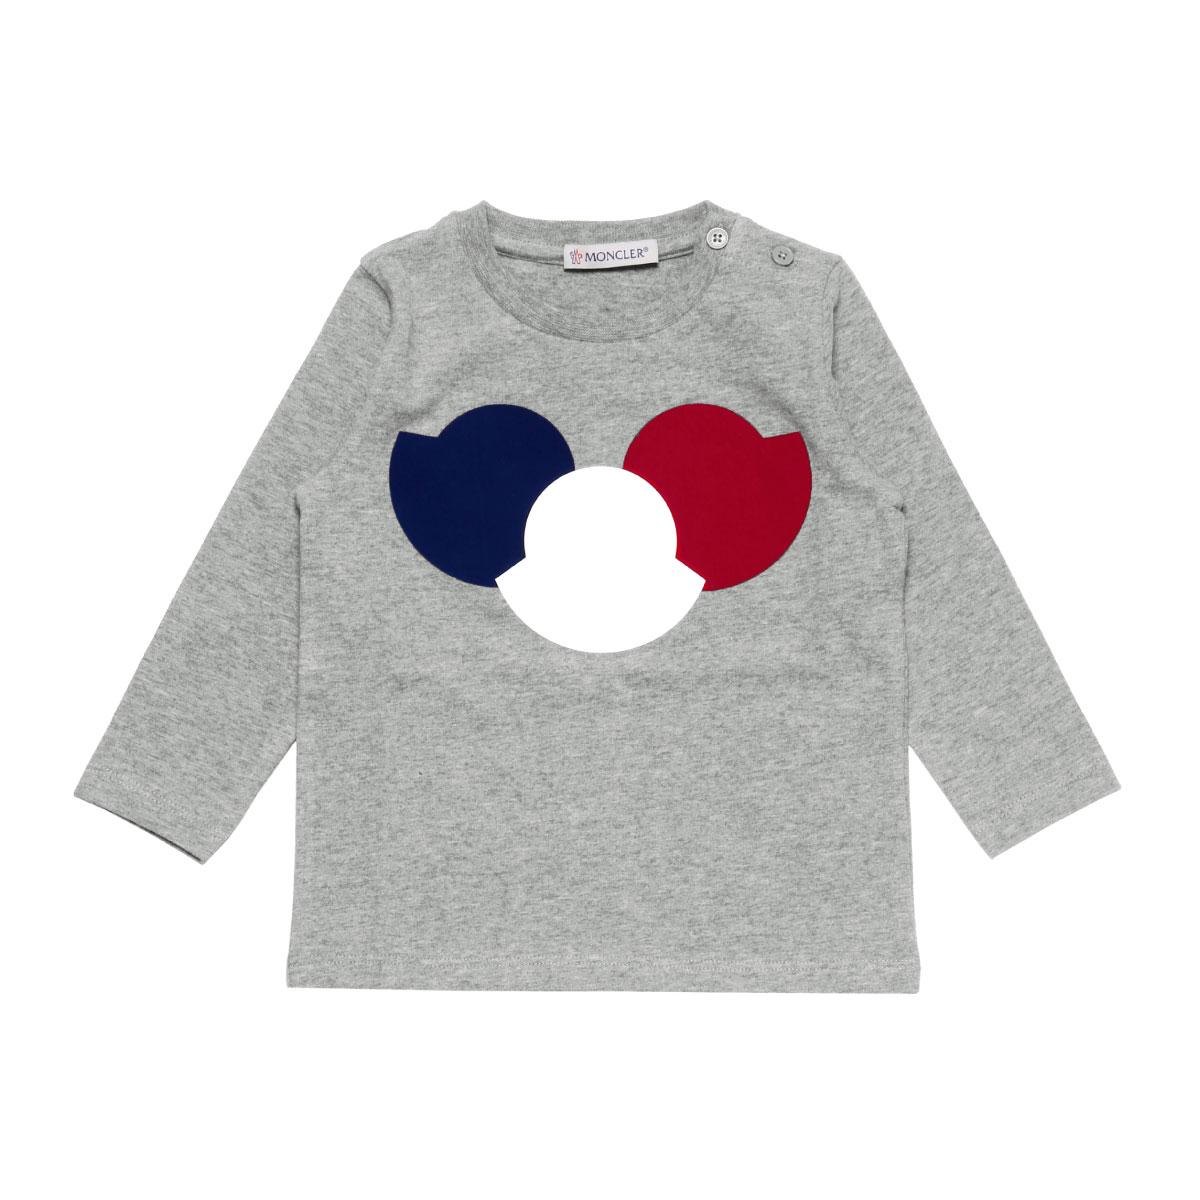 モンクレール MONCLER Tシャツ ベビー ボーイズ 8017250 87275 986 長袖Tシャツ GREY グレー 9M-24M